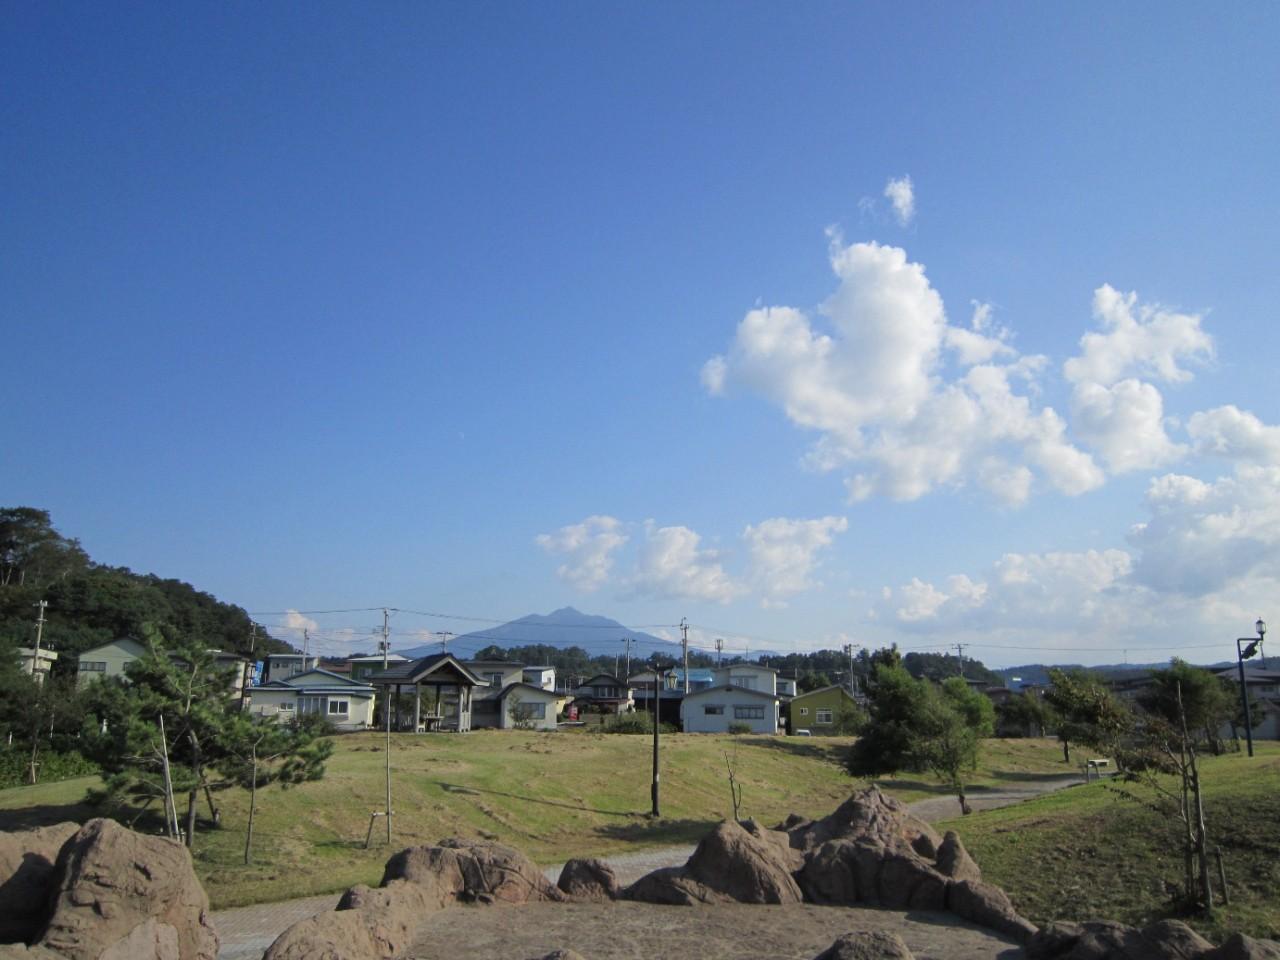 青森 津軽 鰺ヶ沢町 風景 秋 晴天 鰺ヶ沢海水浴場